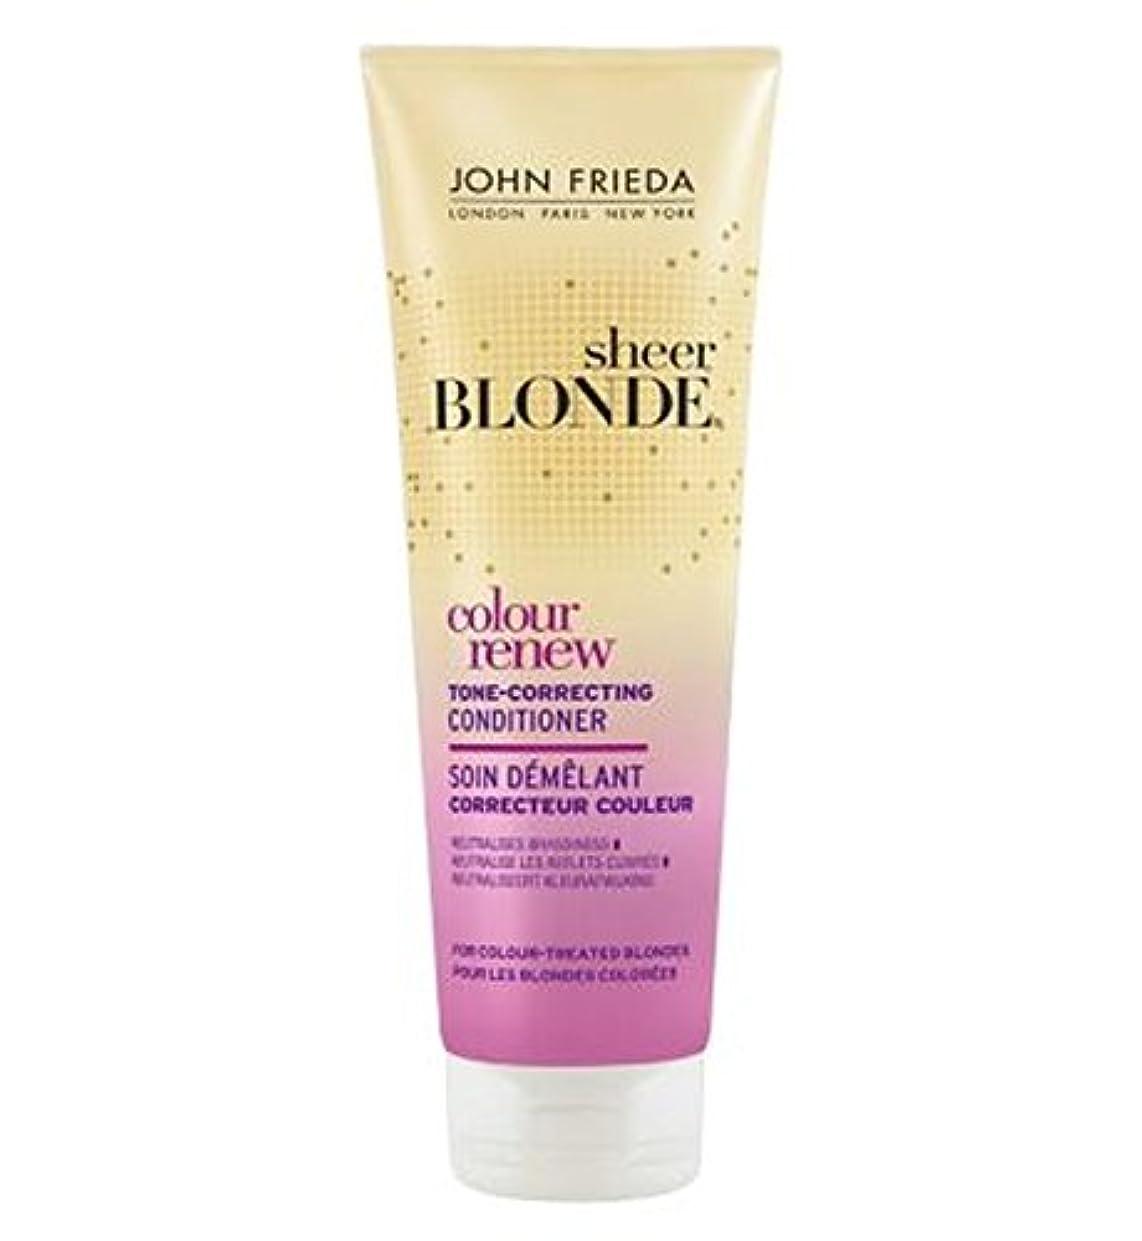 土不和画家John Frieda Sheer Blonde Colour Renew Tone Correcting Conditioner 250ml - ジョン?フリーダ薄手のブロンド色は色調補正コンディショナー250ミリリットル...